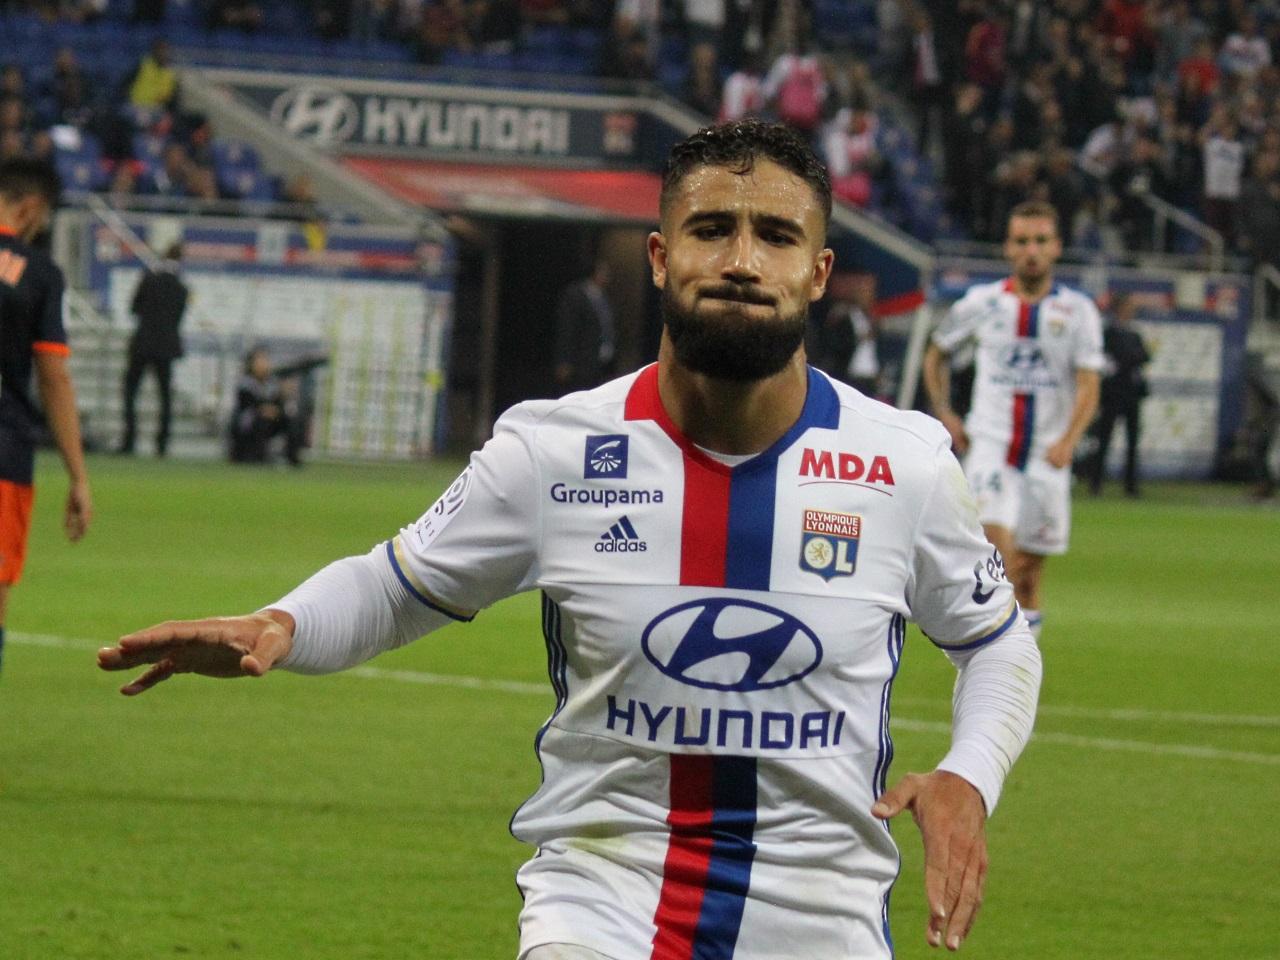 Vidéo : les quatre buts lyonnais en 45 minutes contre Alkmaar